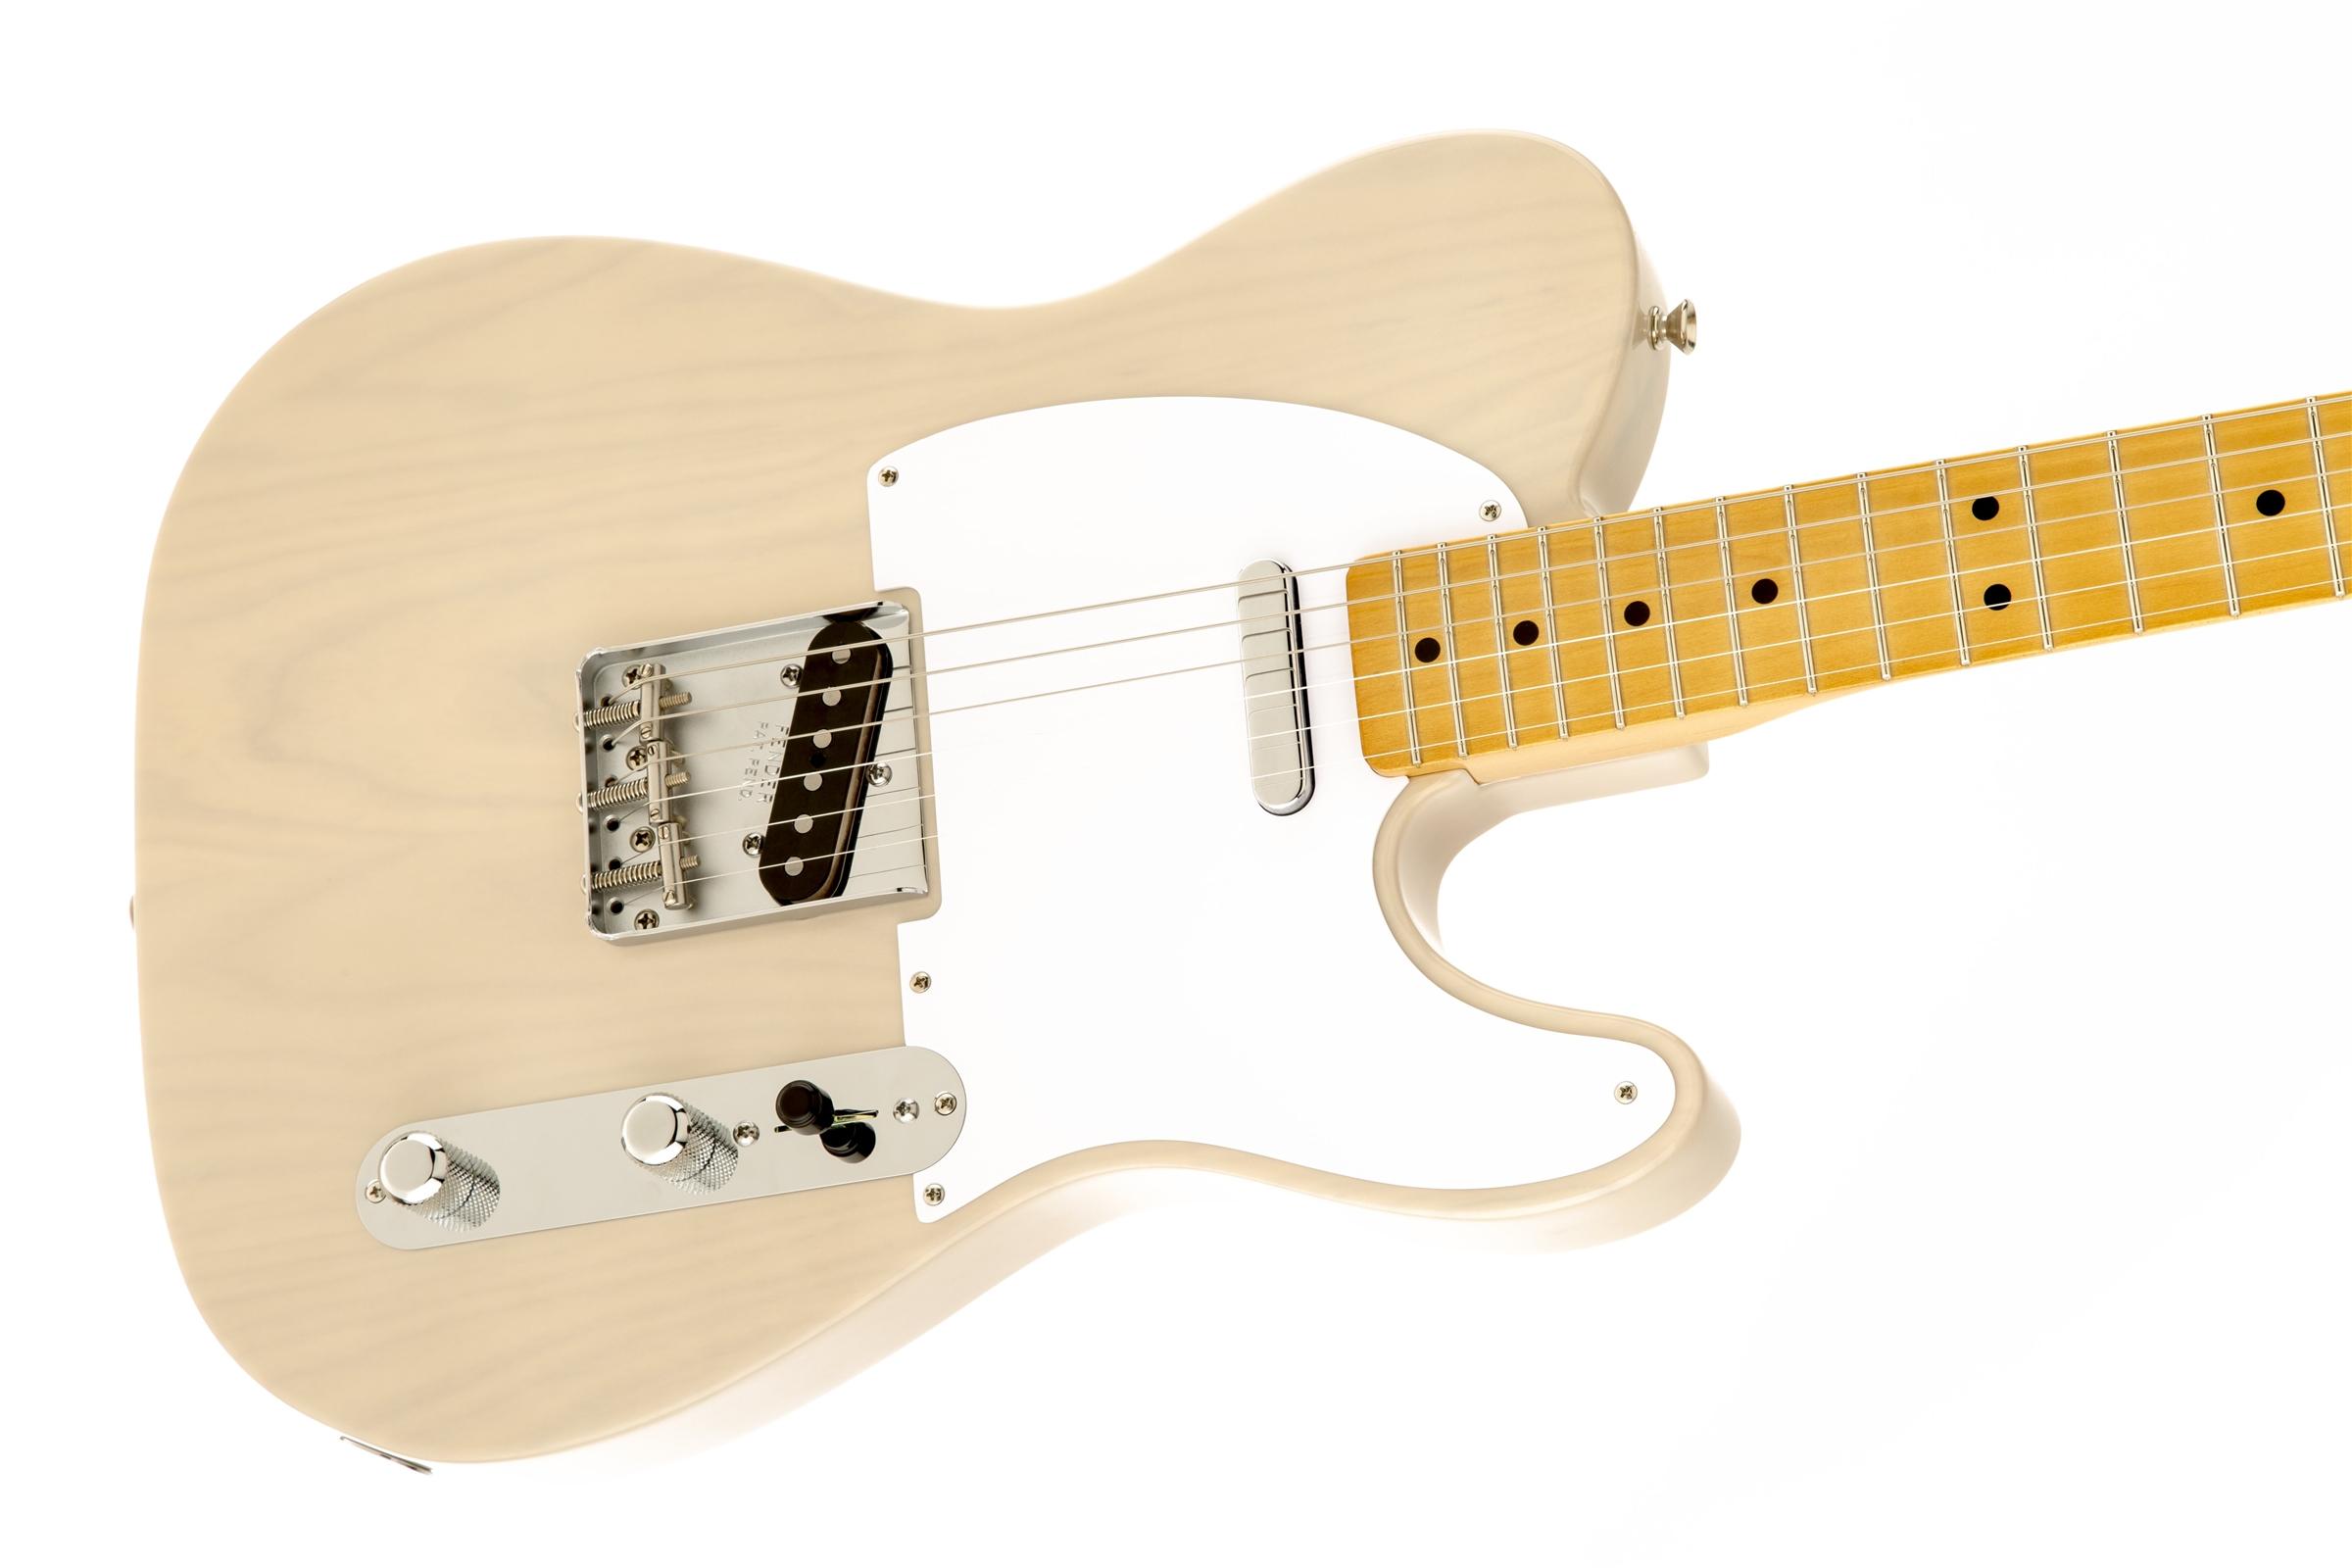 Fantastisch Fender Telecaster Schaltplan Ideen - Der Schaltplan ...